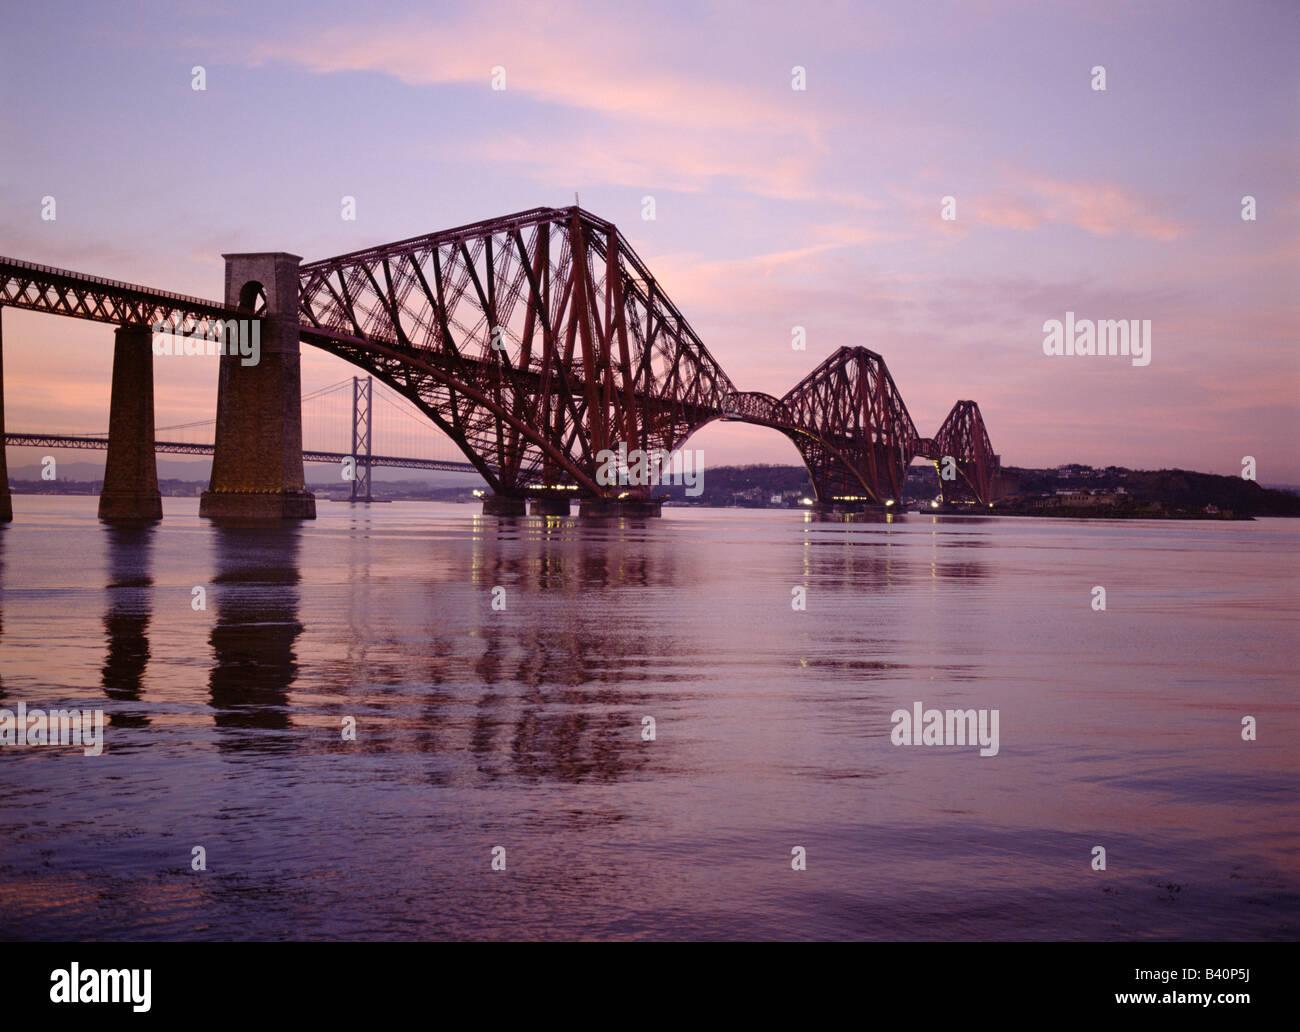 dh Railway Bridge Scotland FORTH BRIDGE FIRTH OF FORTH Scottish Ingénierie Victorian Cantilever acier ponts Lothian coucher de soleil crépuscule Banque D'Images